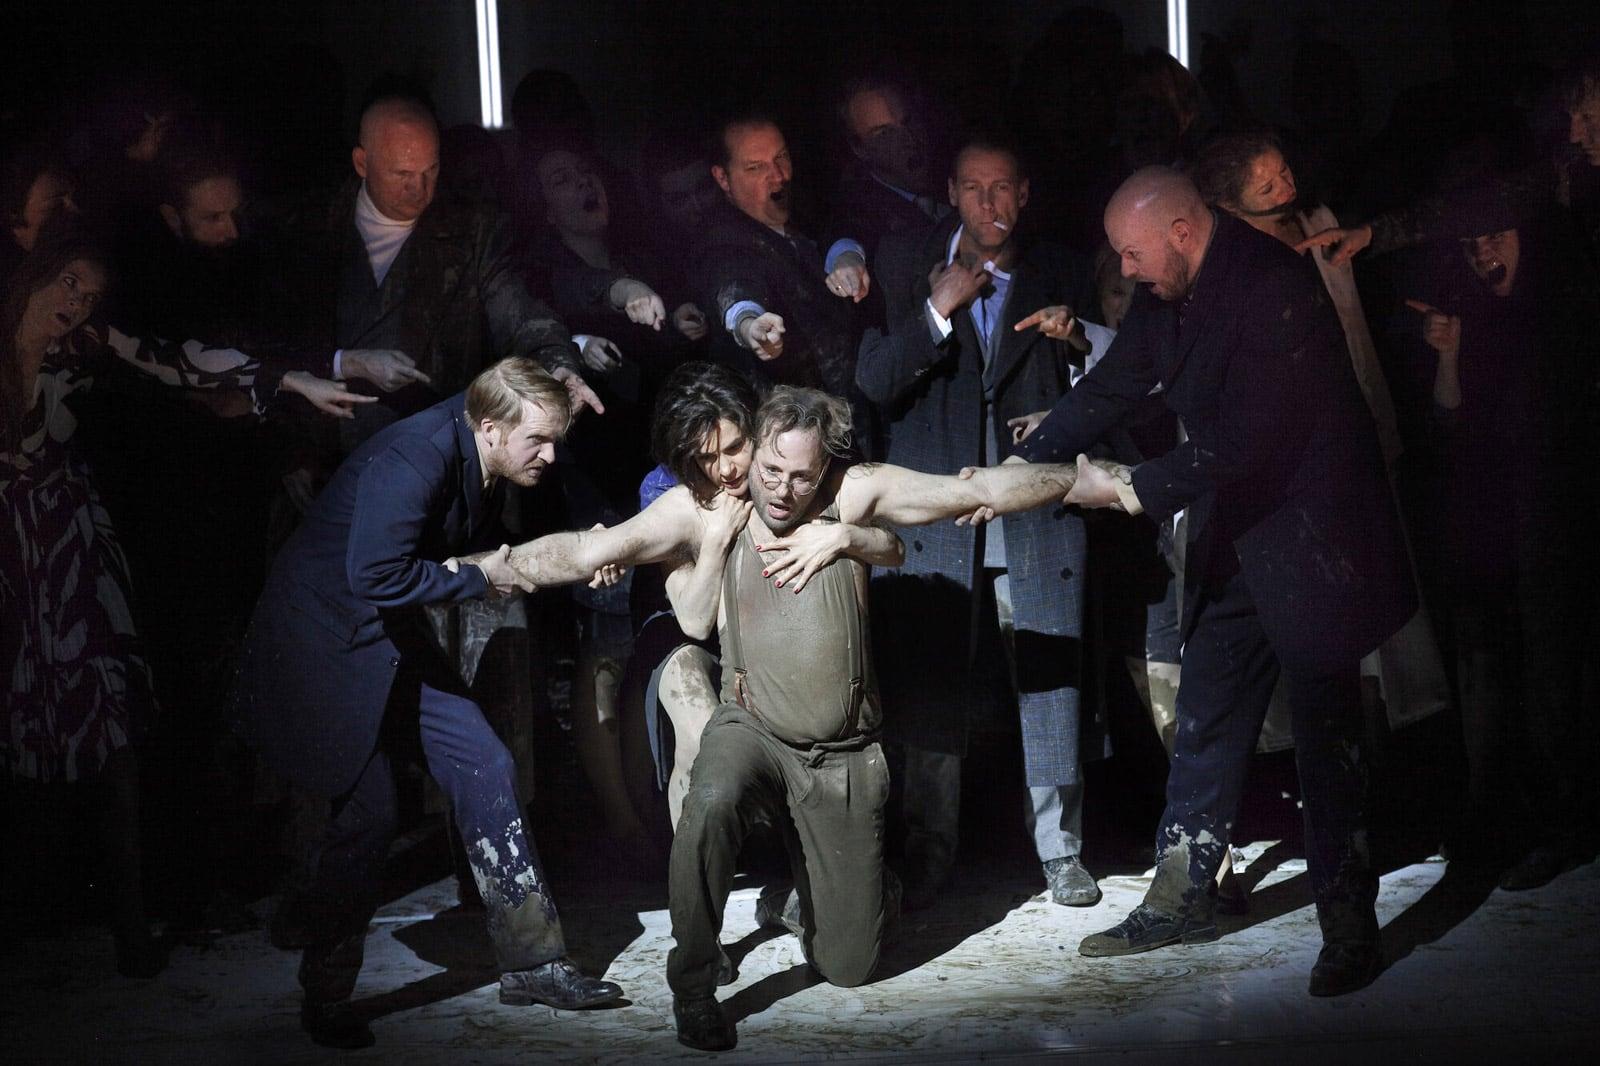 El compositor Hèctor Parra, el llibretista Händl Klaus i el director d'escena Calixto Bieito han fet una òpera basada en aquella novel·la amb el títol original de Les Bienveillantes